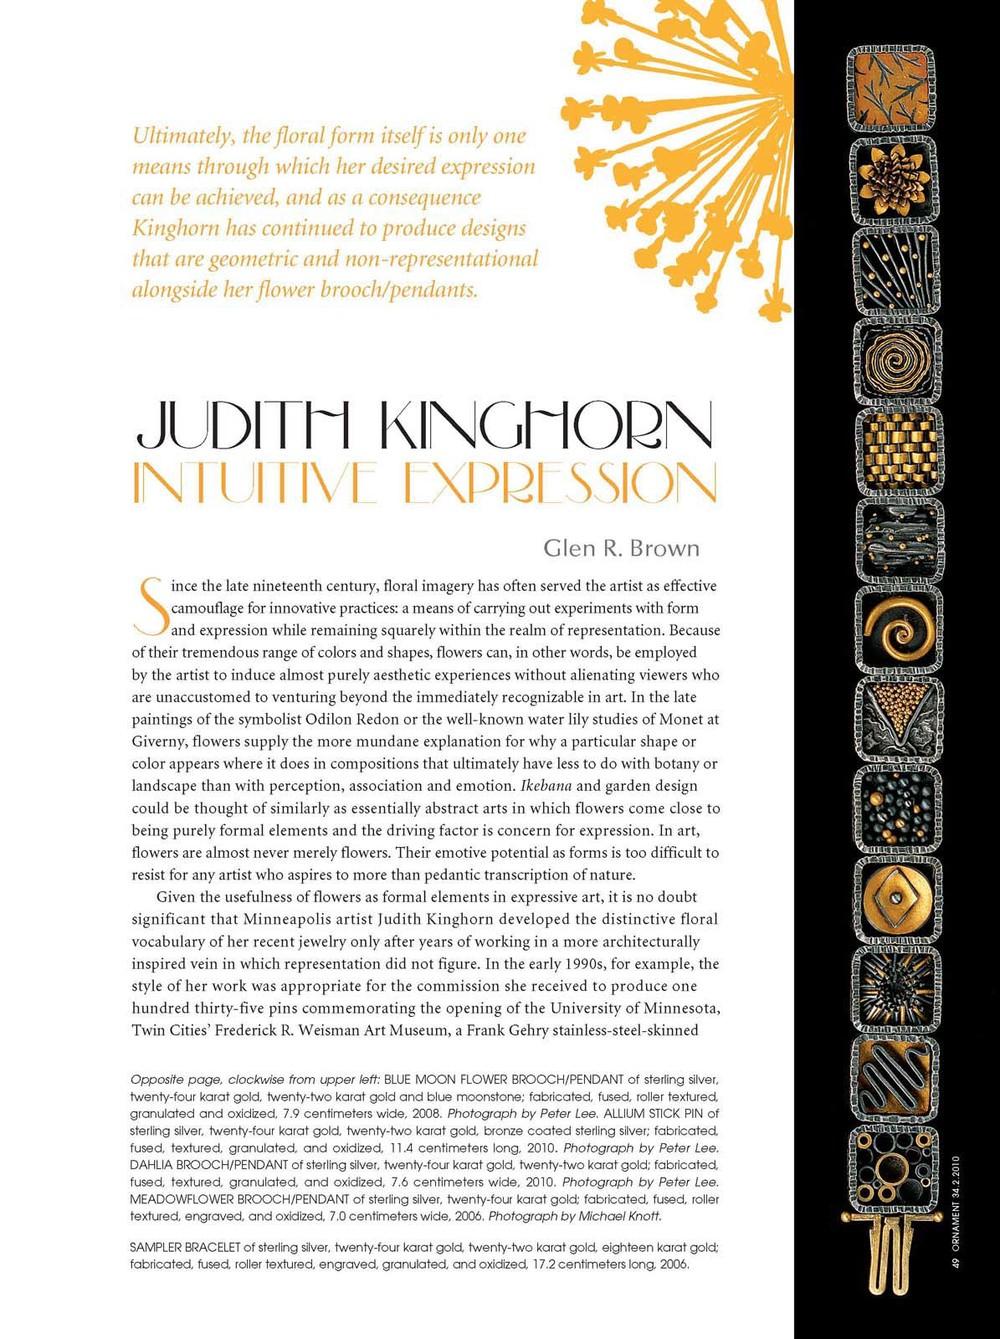 Orn34_2_JudithKinghorn_Cover.jpg